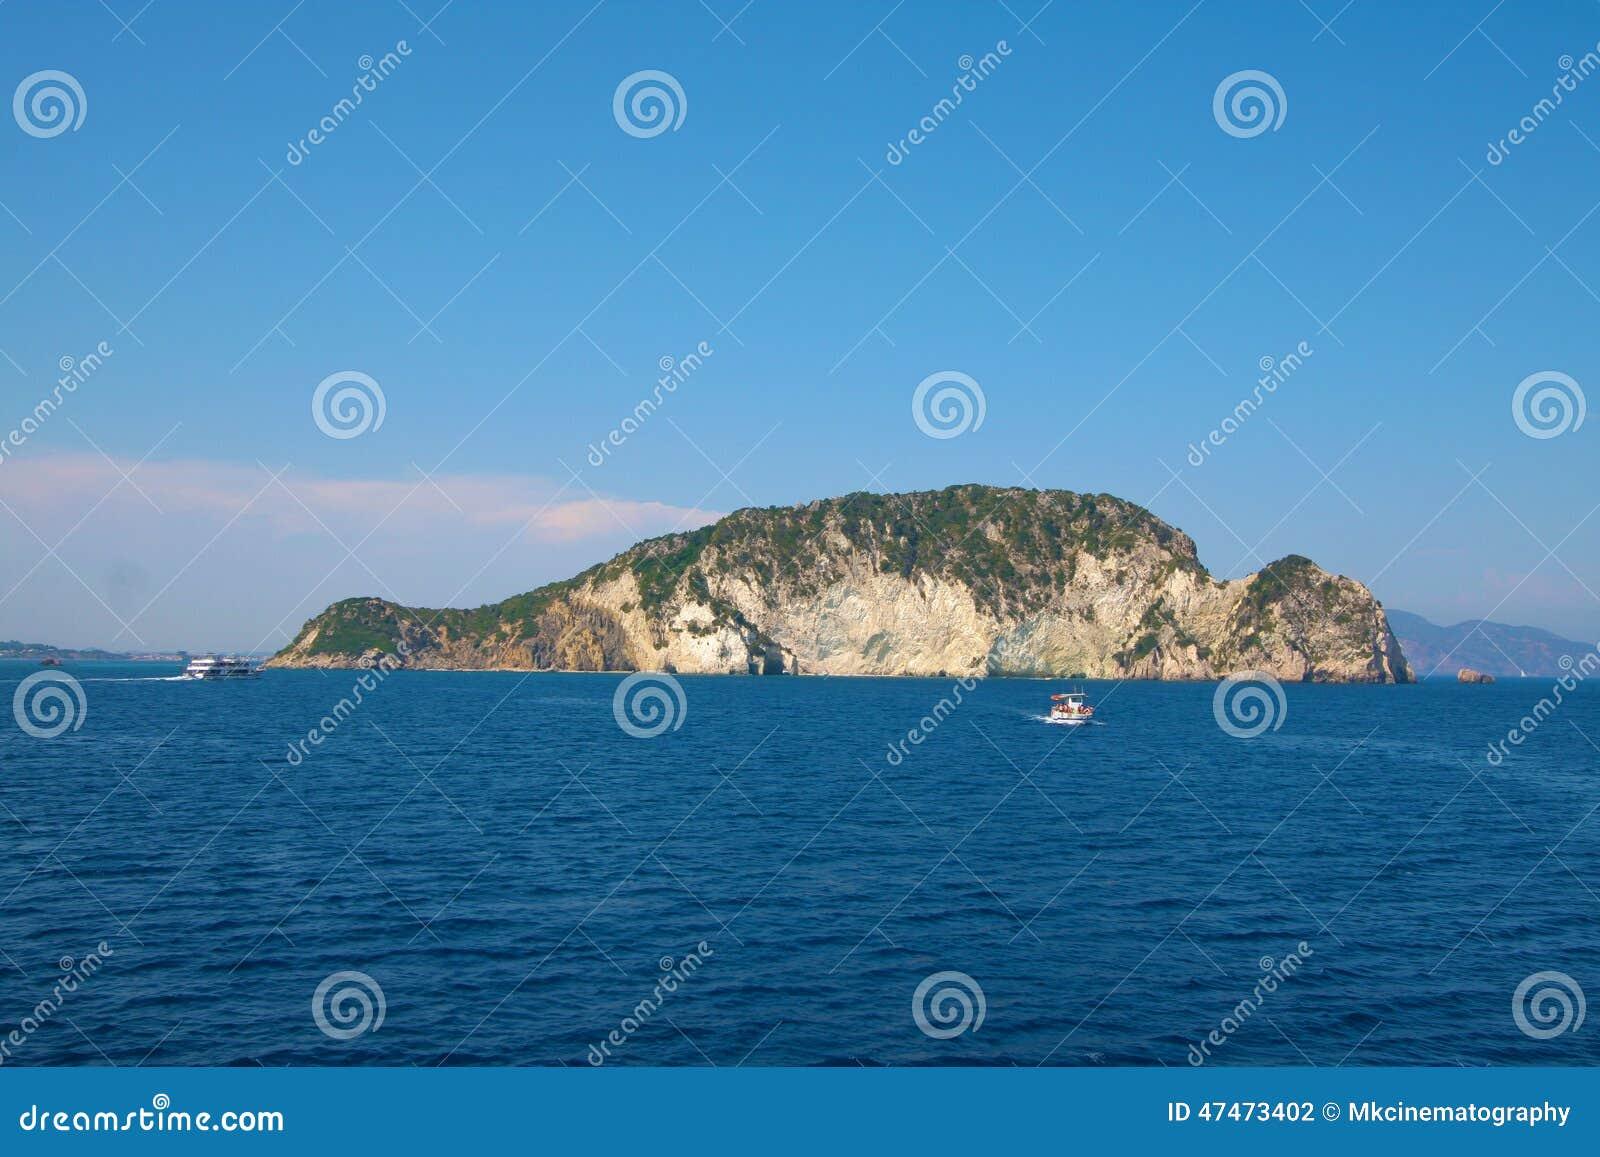 Marathonisi a turtle Island -Zakynthos